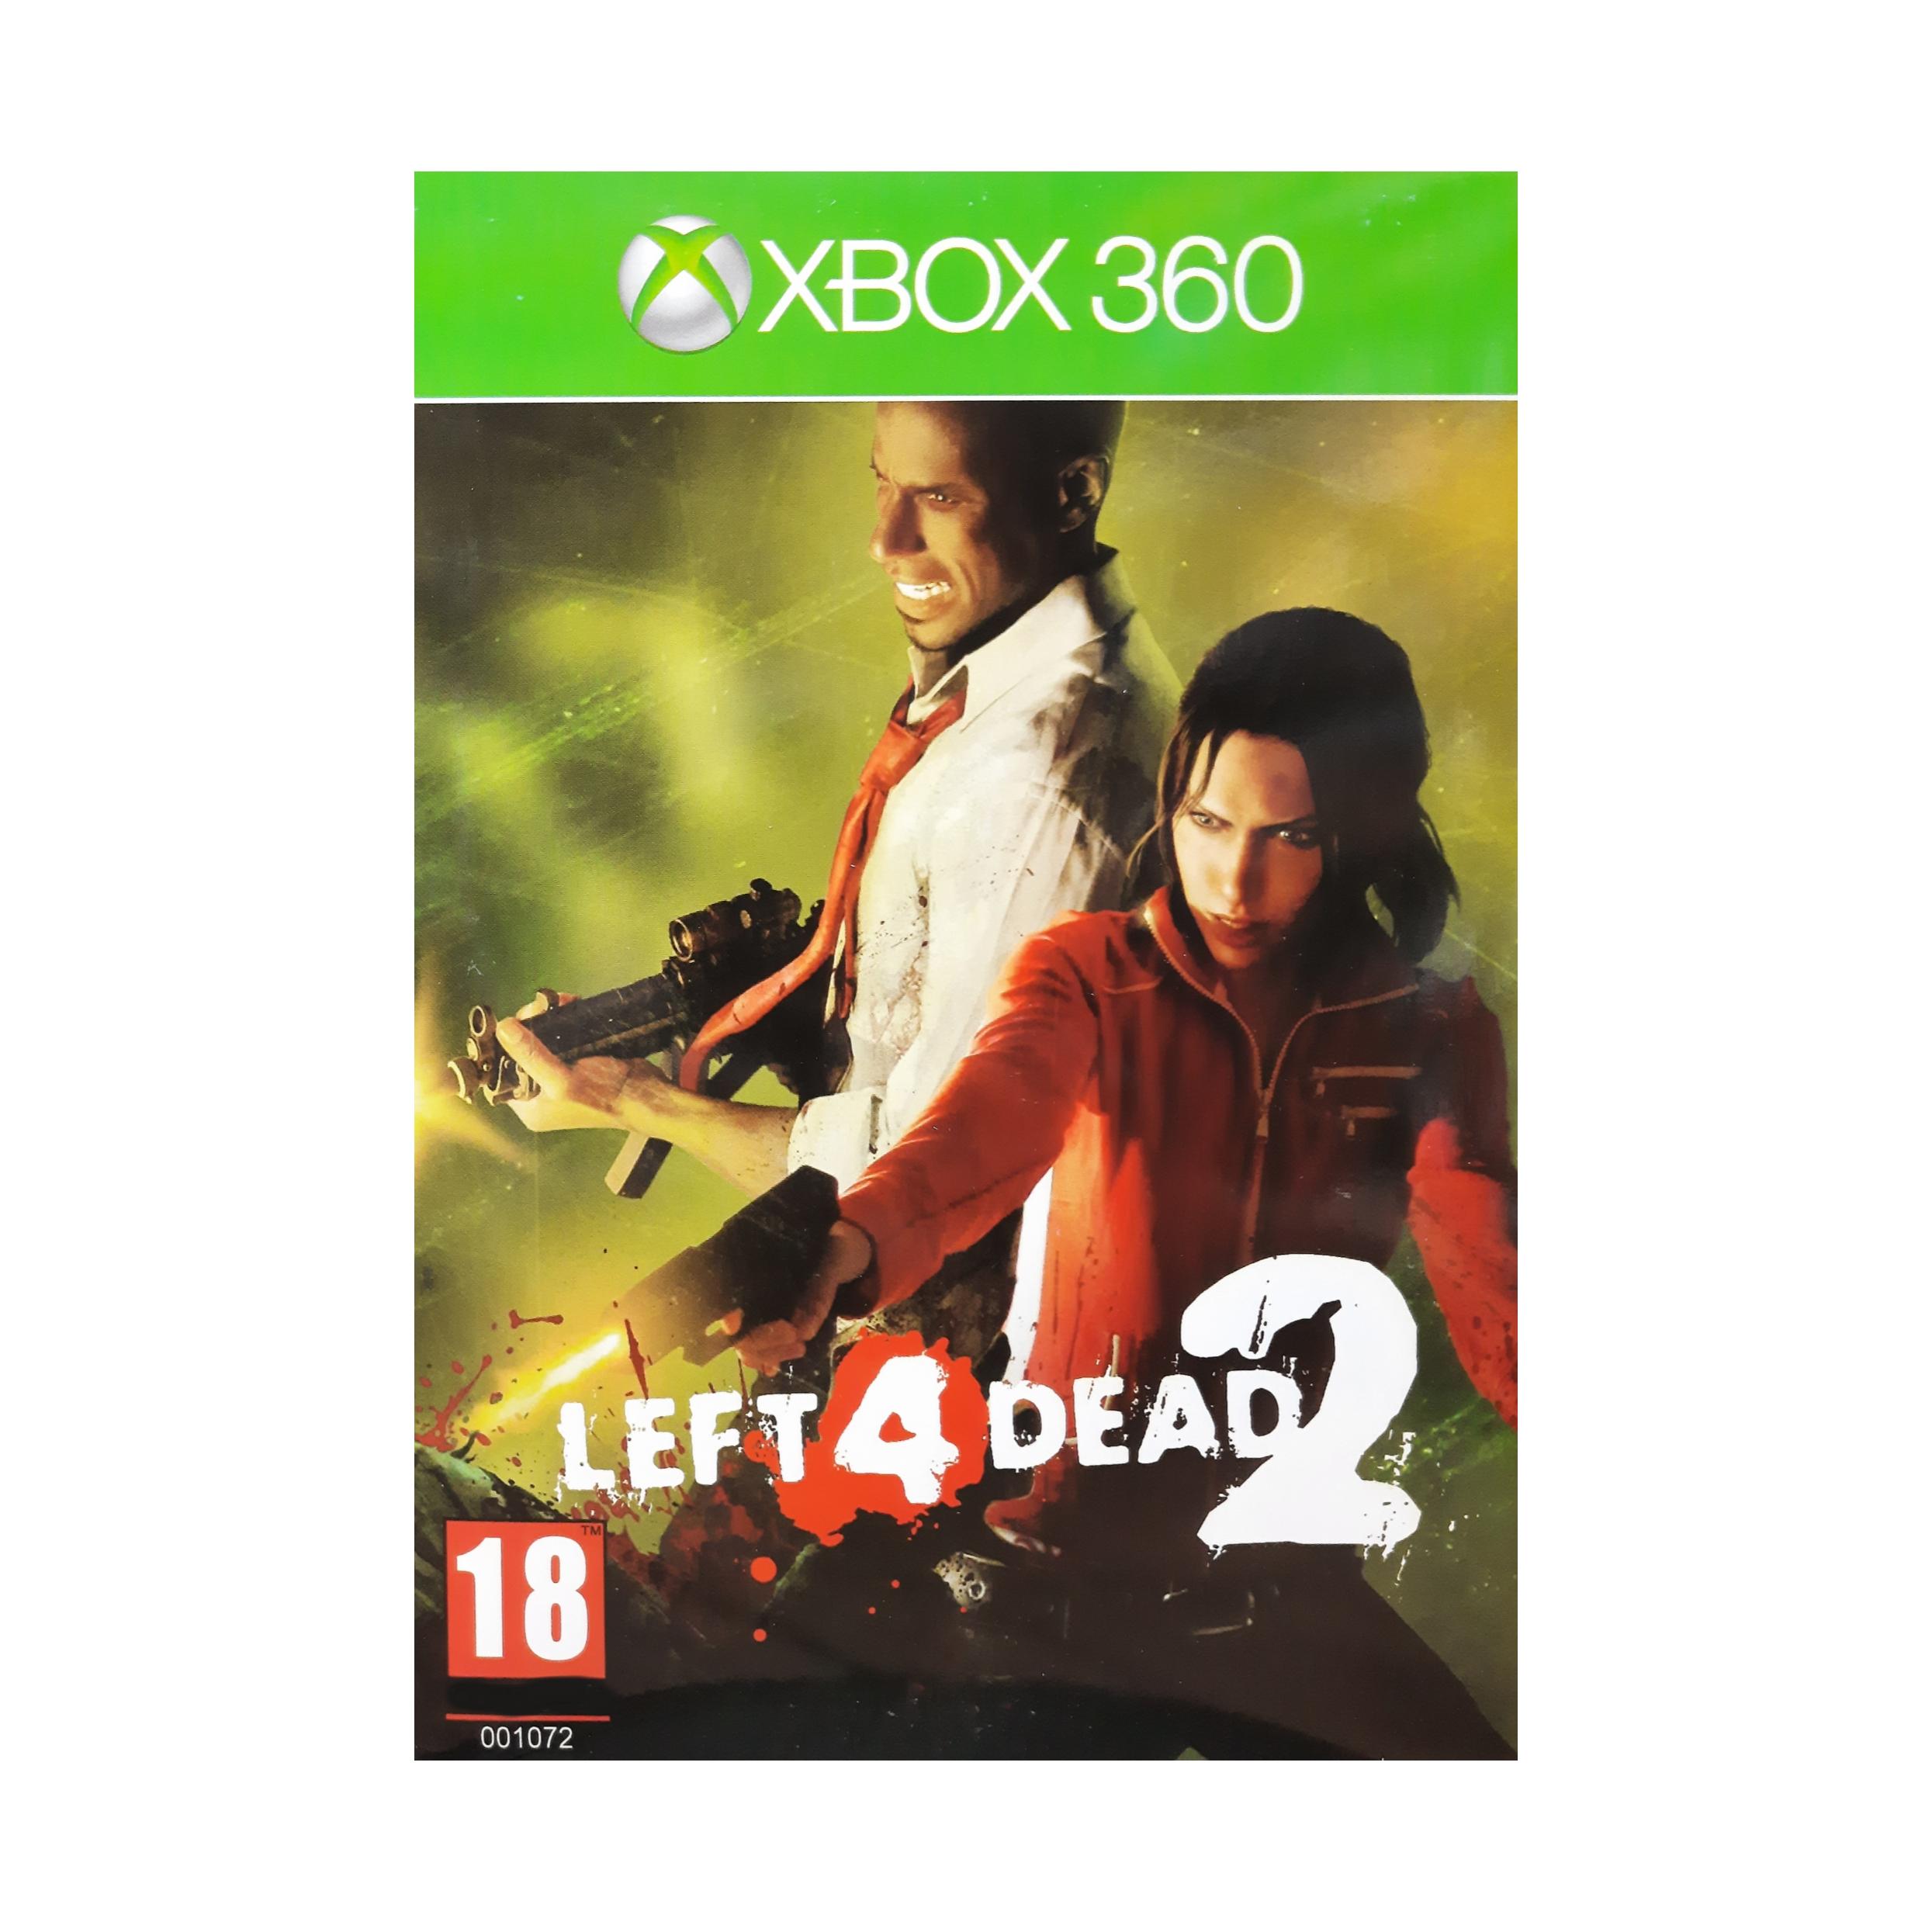 بازی Left 4 Dead 2 مخصوص Xbox 360